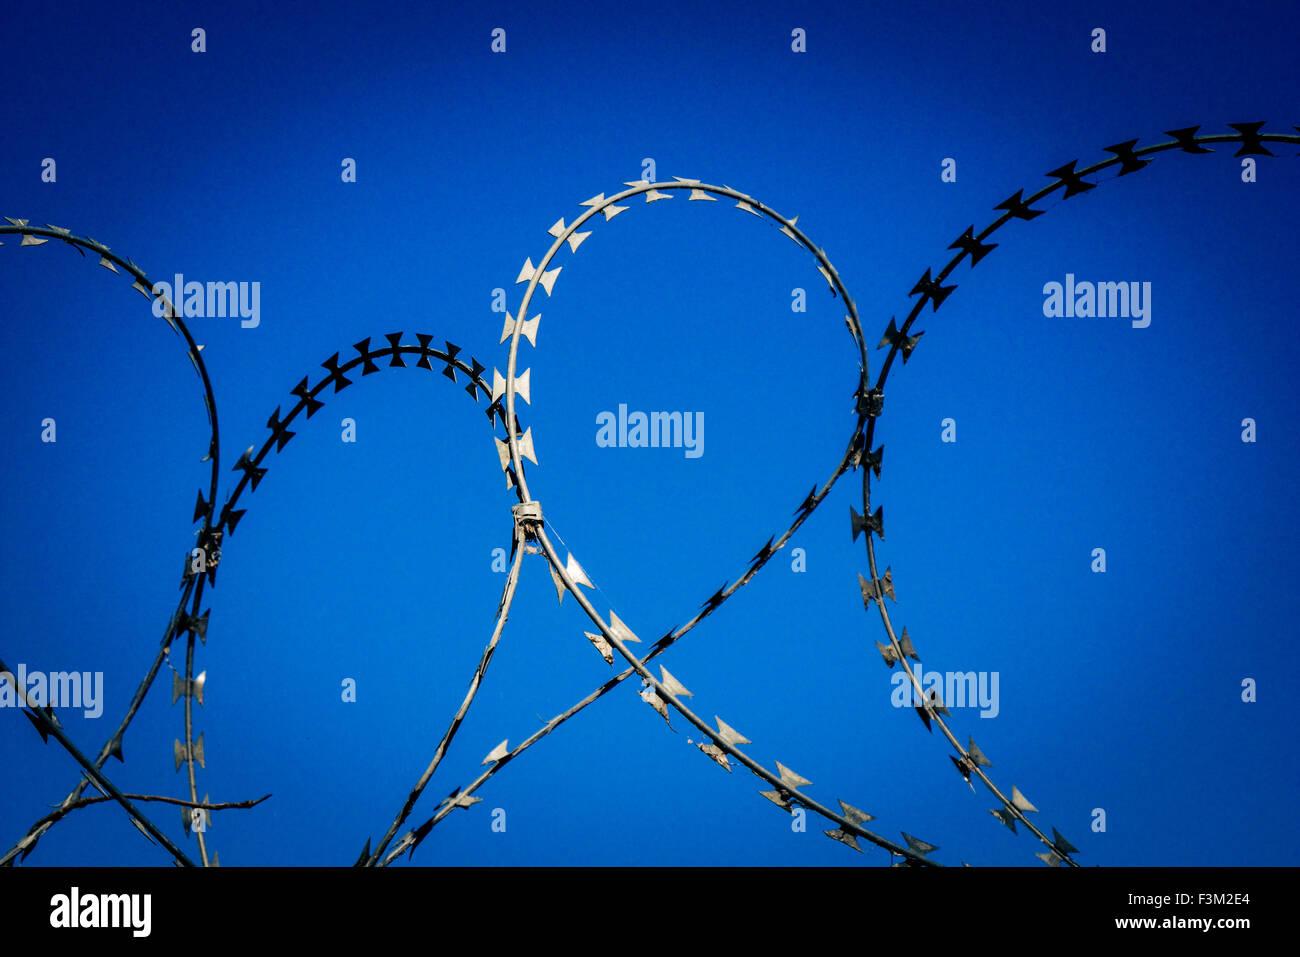 Coils of razor wire. Stock Photo